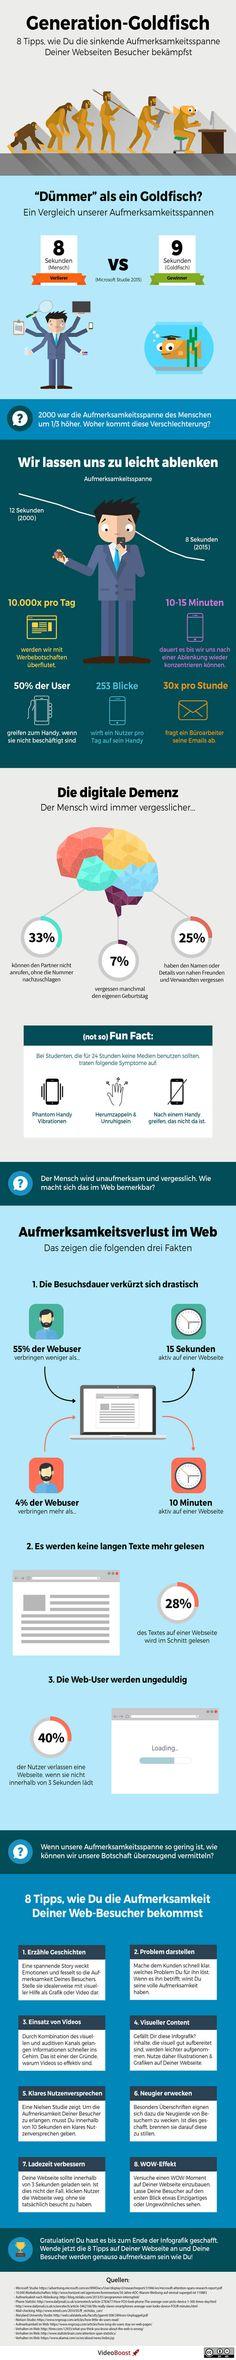 Wie du die sinkende Aufmerksamkeitsspanne der Besucher auf deiner Website bekämpfst | bjoerntantau.com: So geht erfolgreiches Internet Marketing!